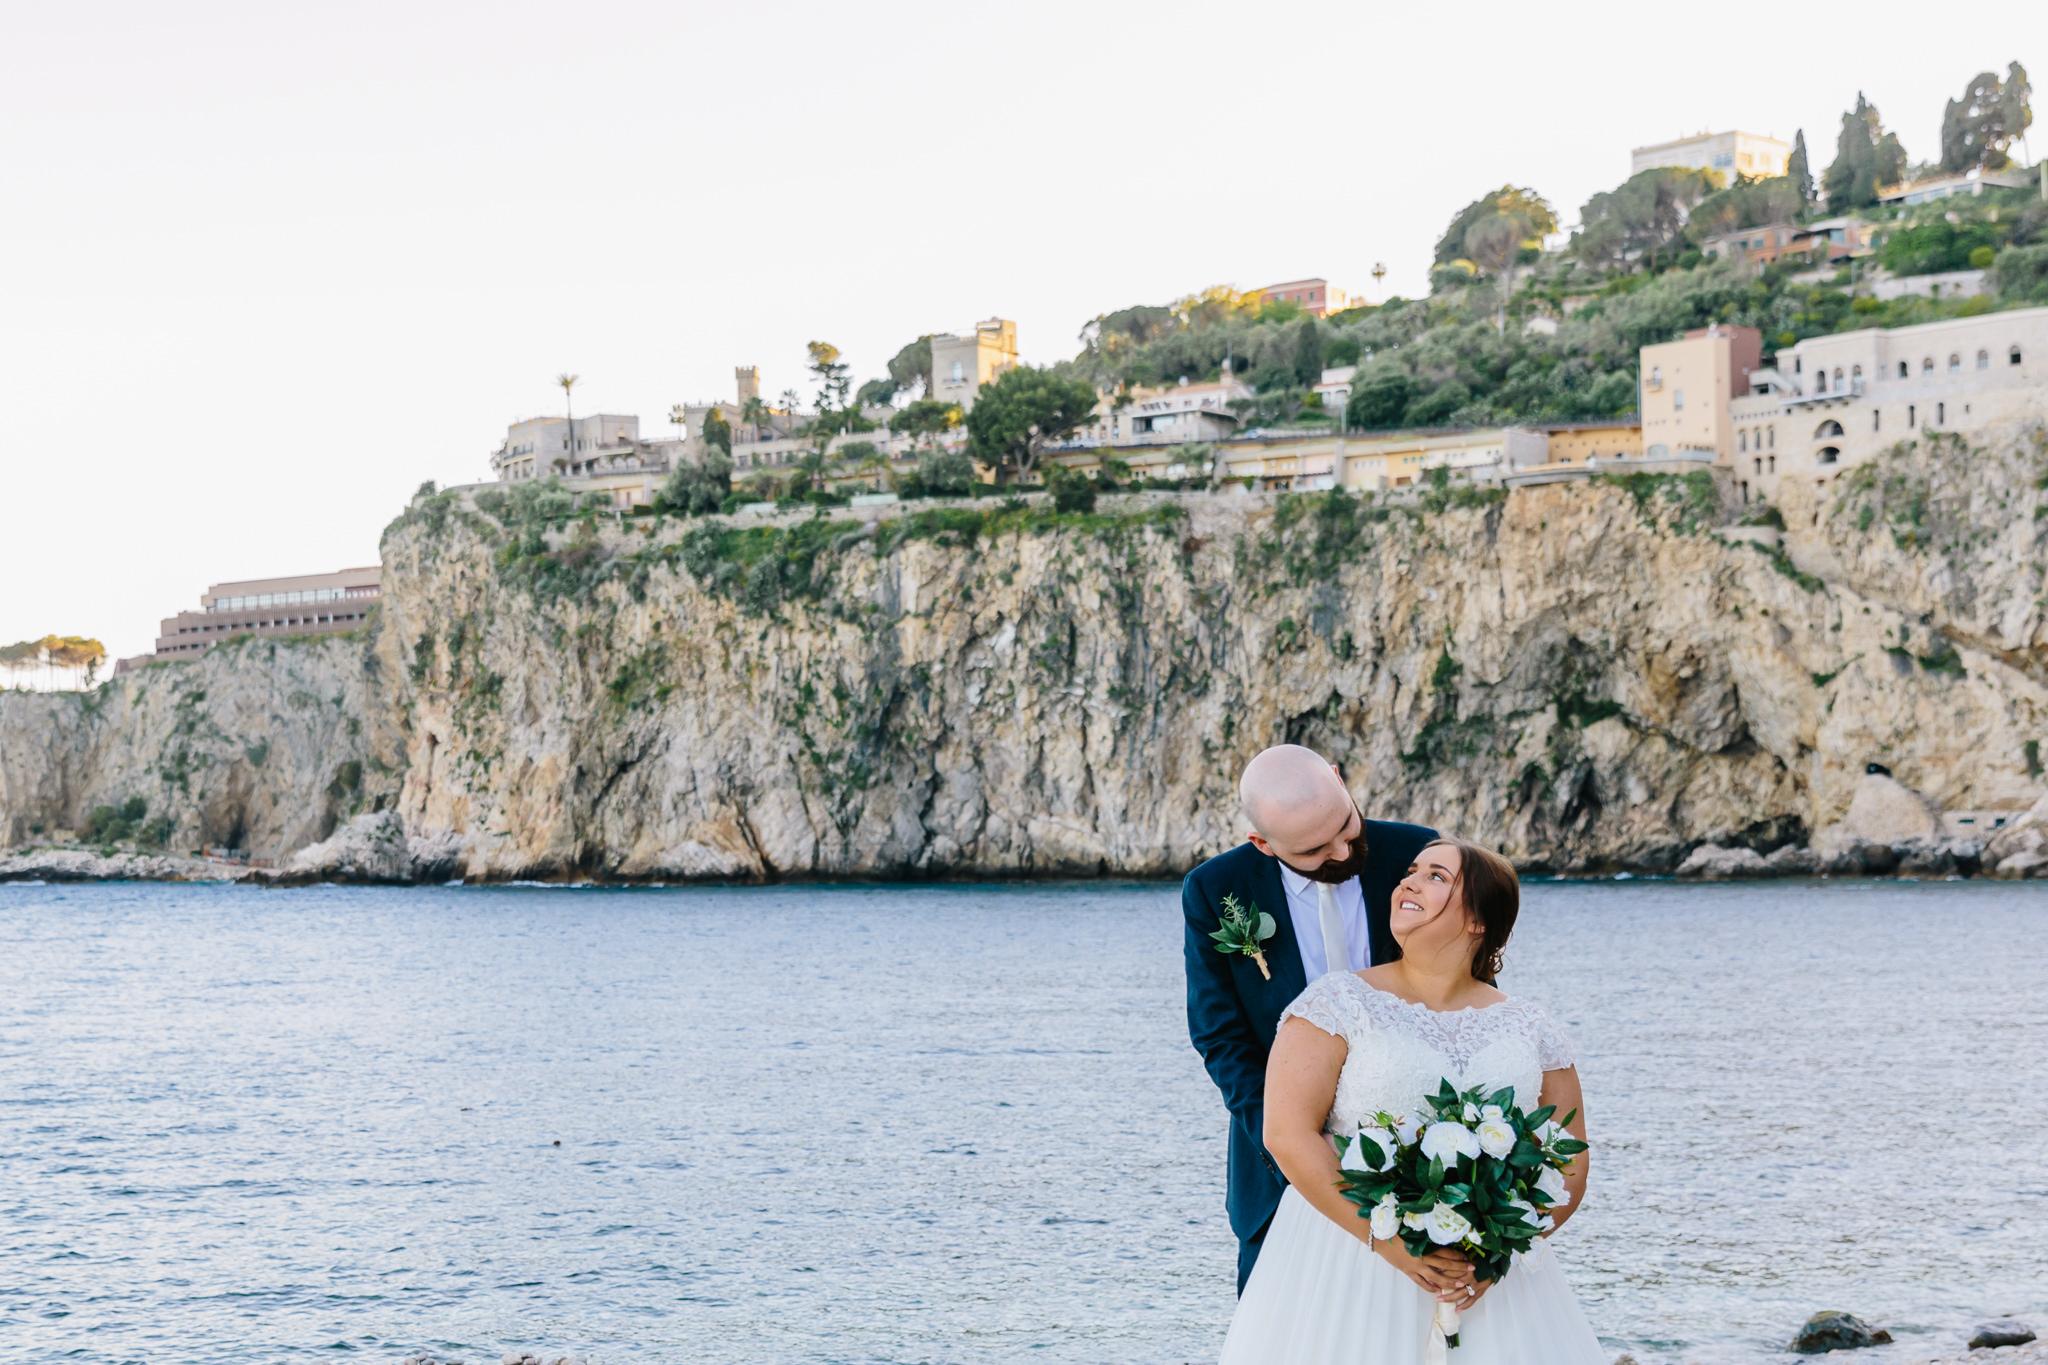 056-2019-04-27-Wedding-Michelle-e-Callum-5DE-755